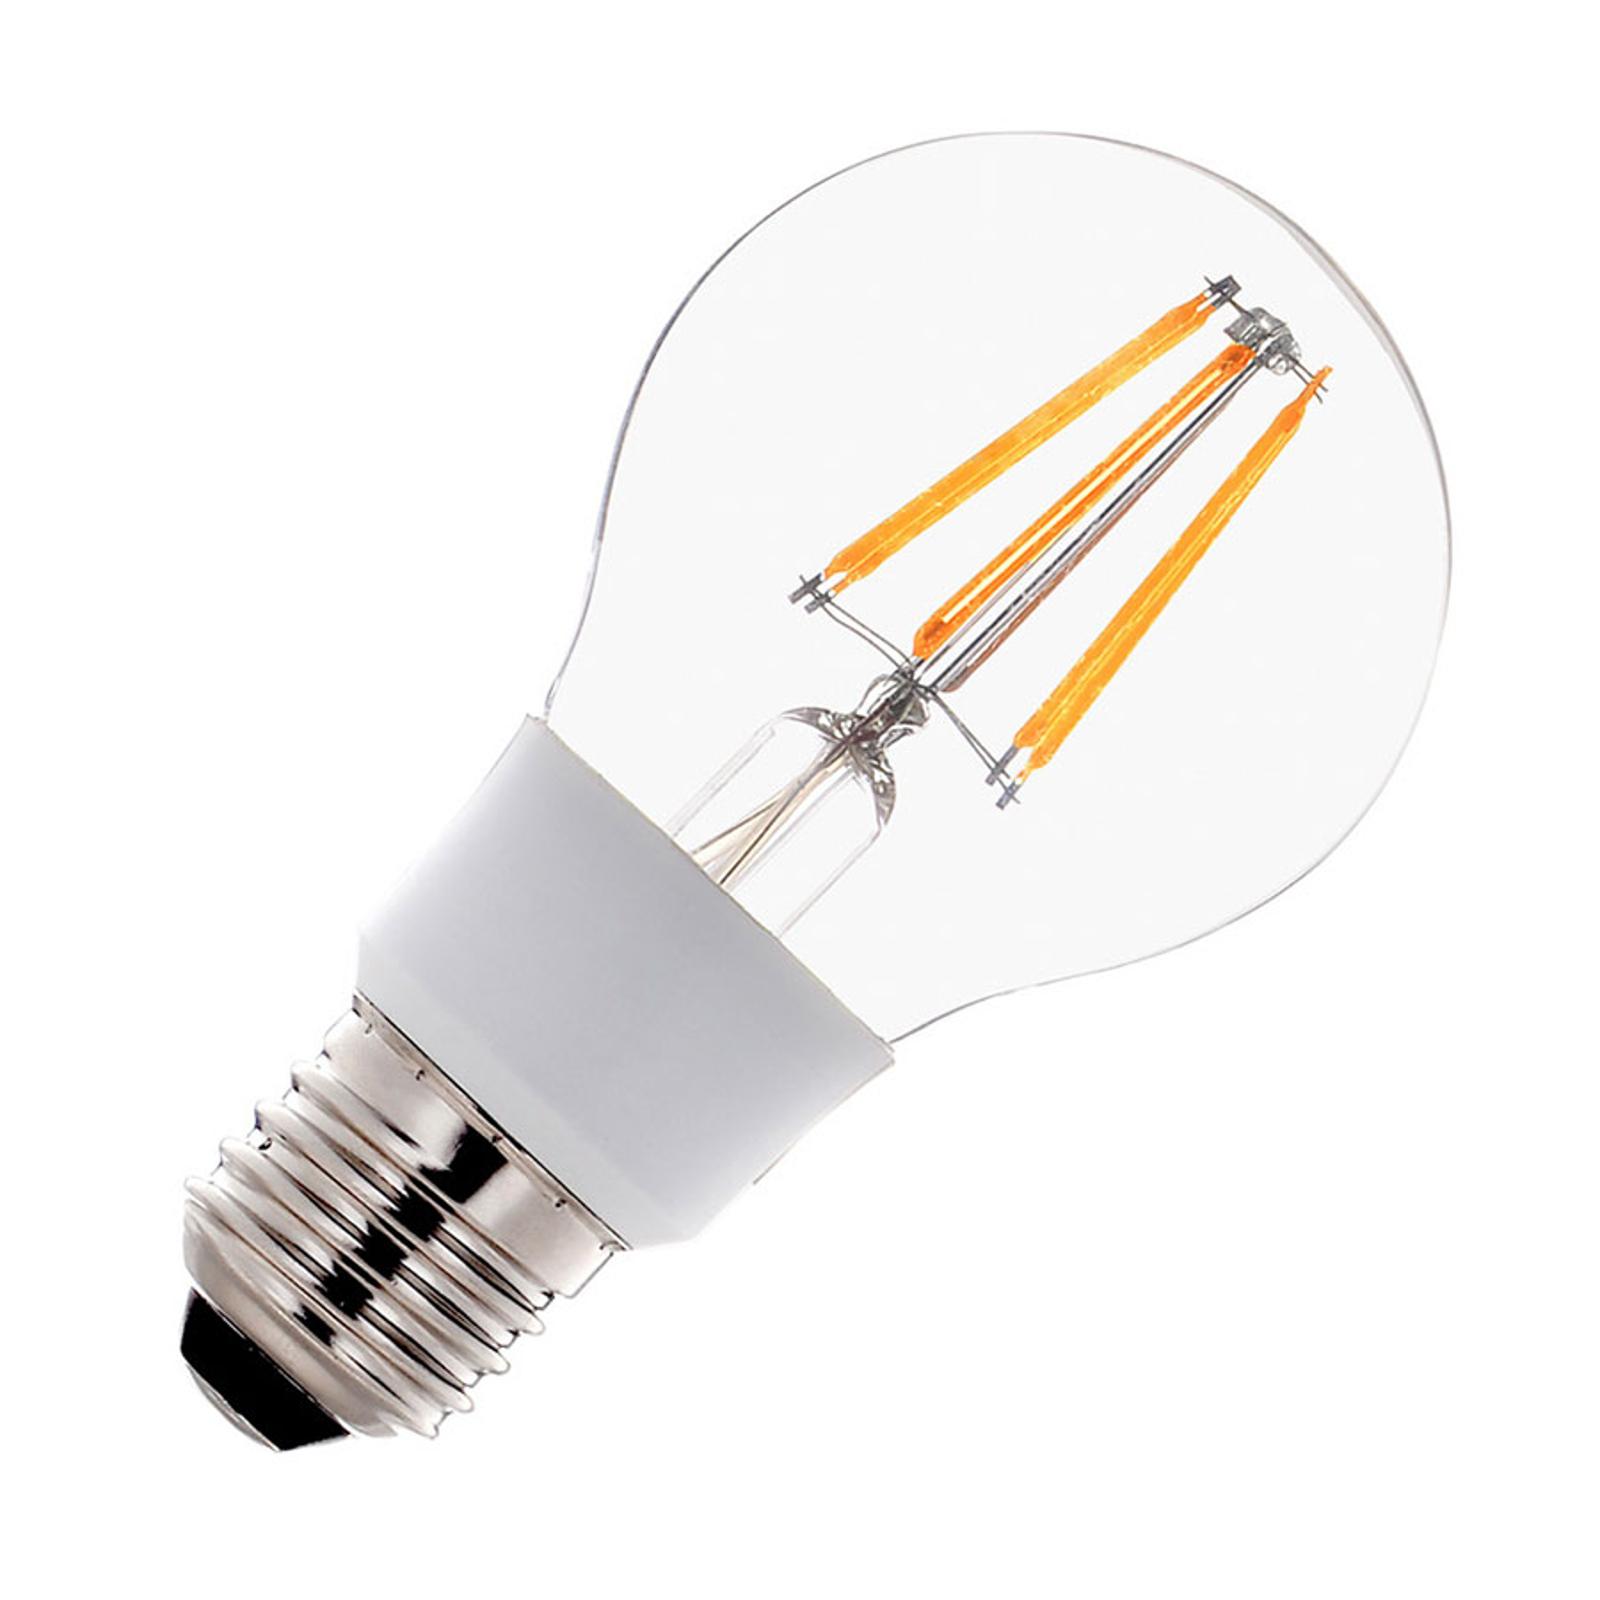 SLV LED-Lampe E27 A60 Filament 7W warmweiß dimmbar